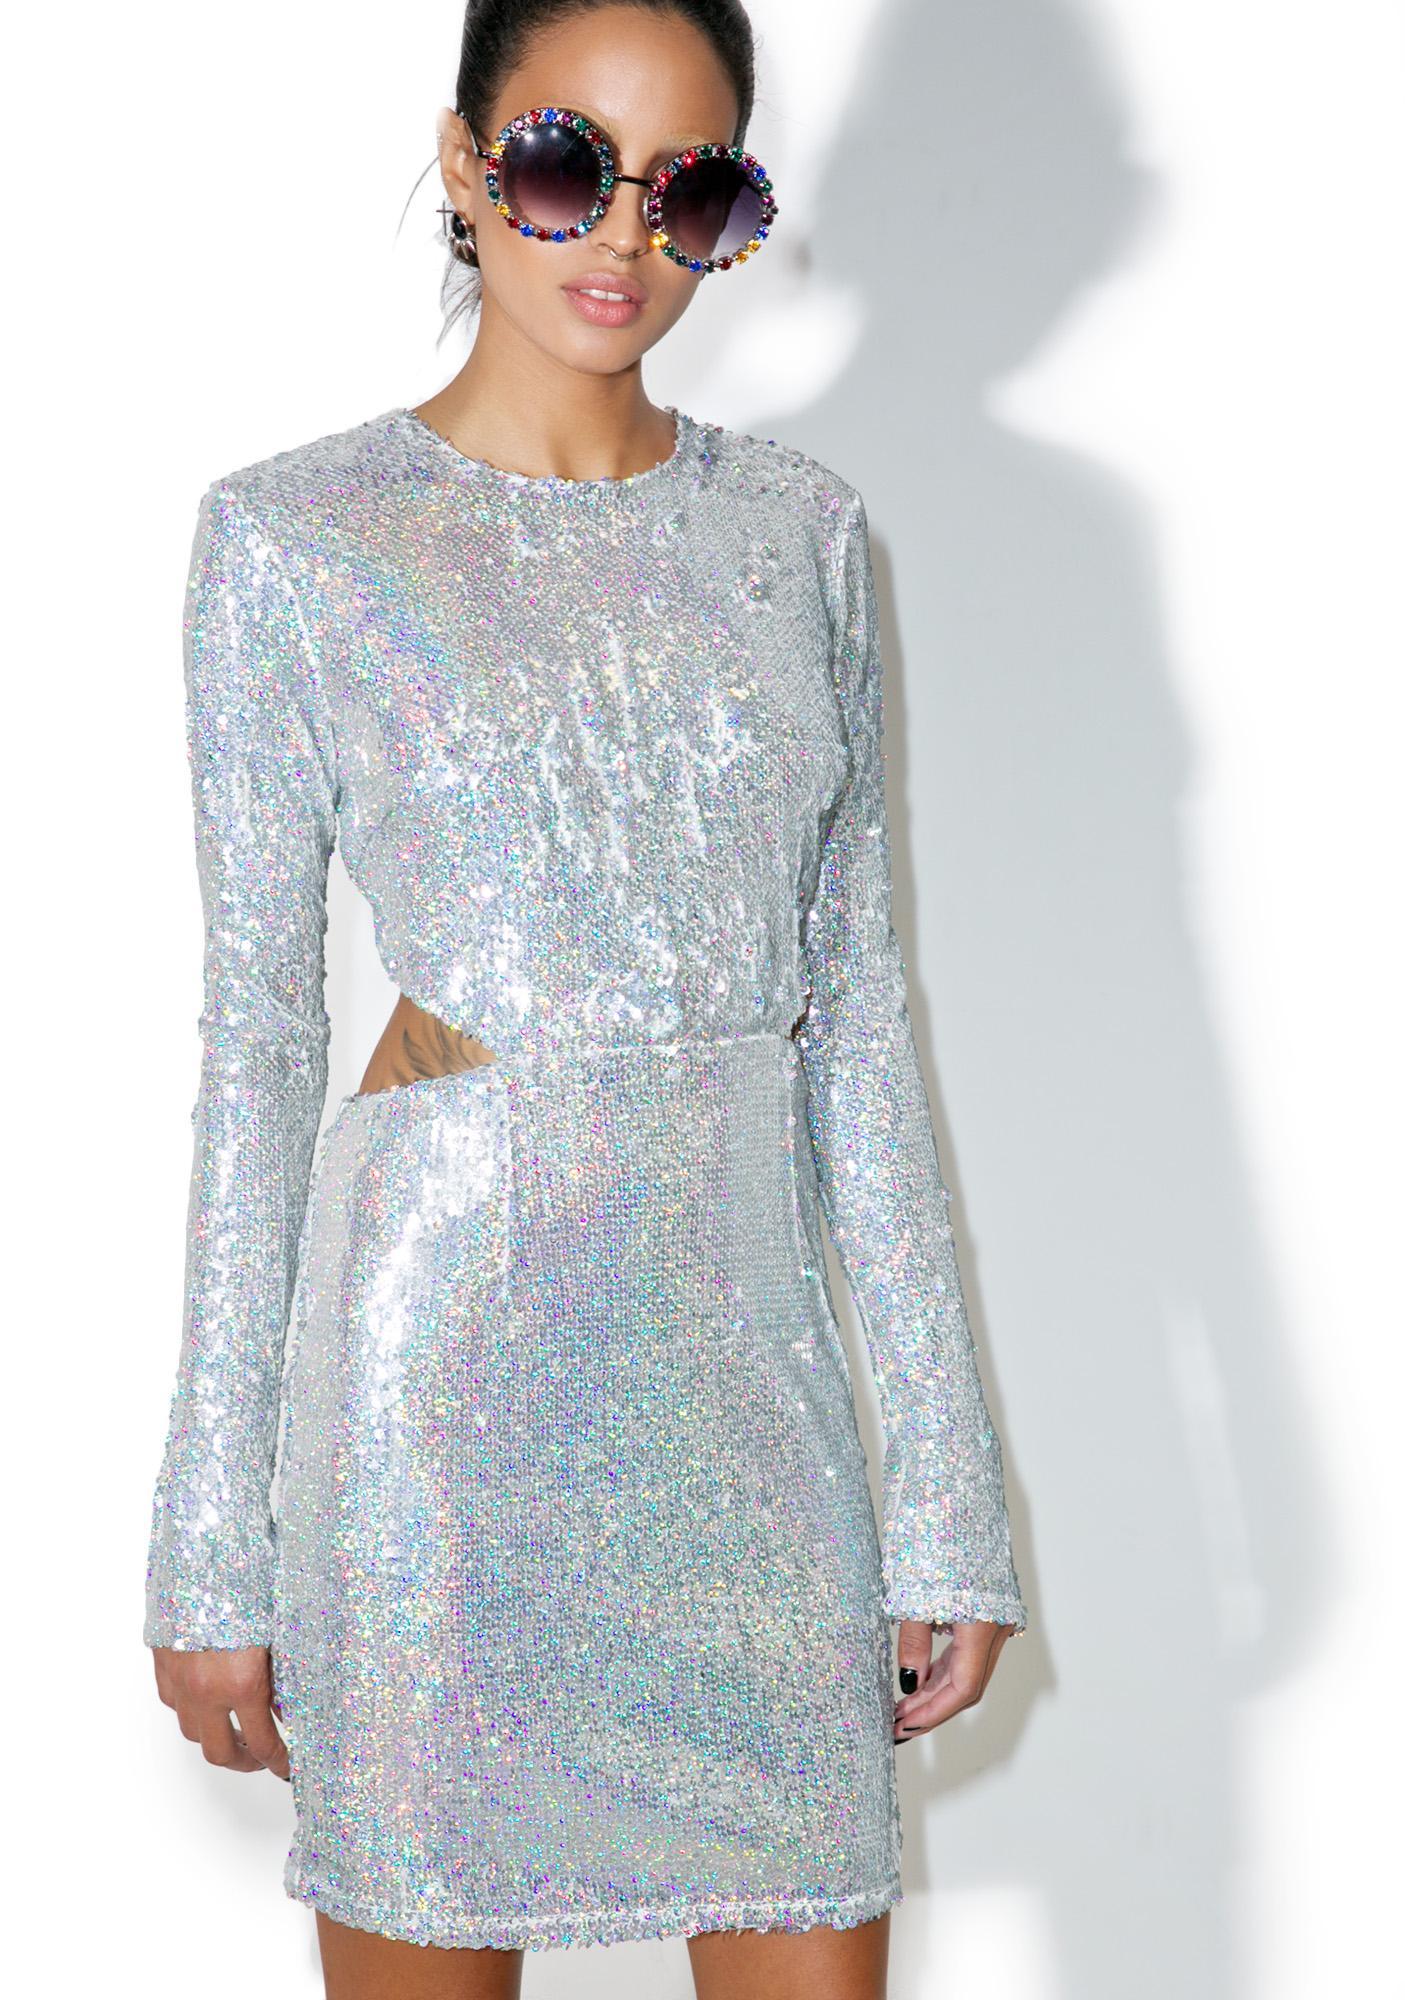 Glamorous Luv Letter Sequin Mini Dress